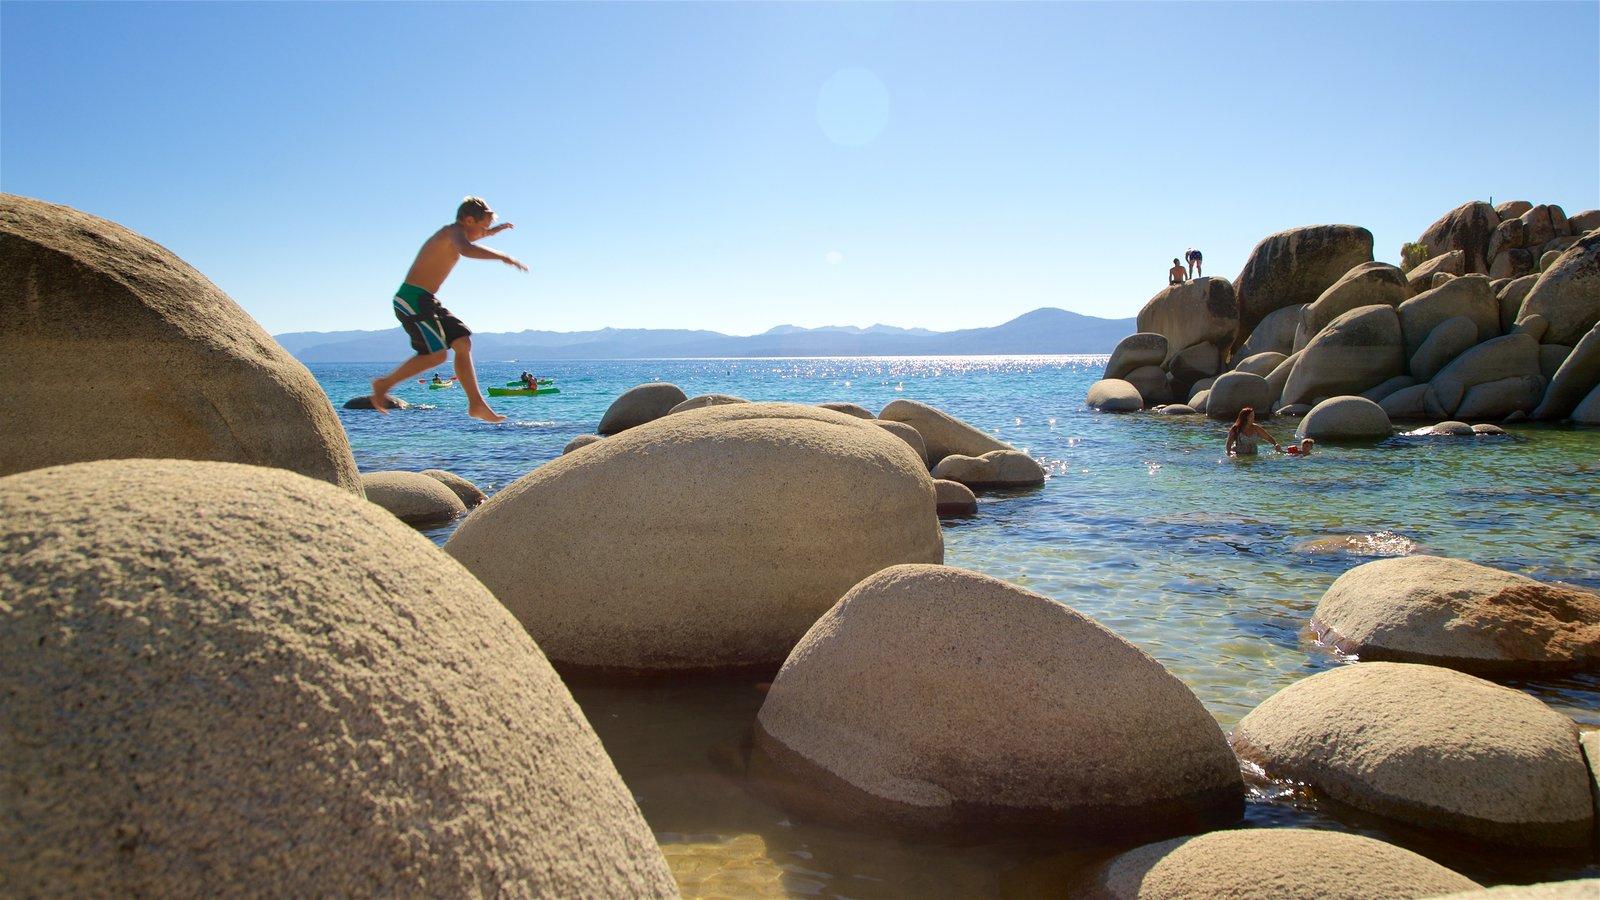 Sand Harbor mostrando litoral rochoso e paisagens litorâneas assim como uma criança sozinha